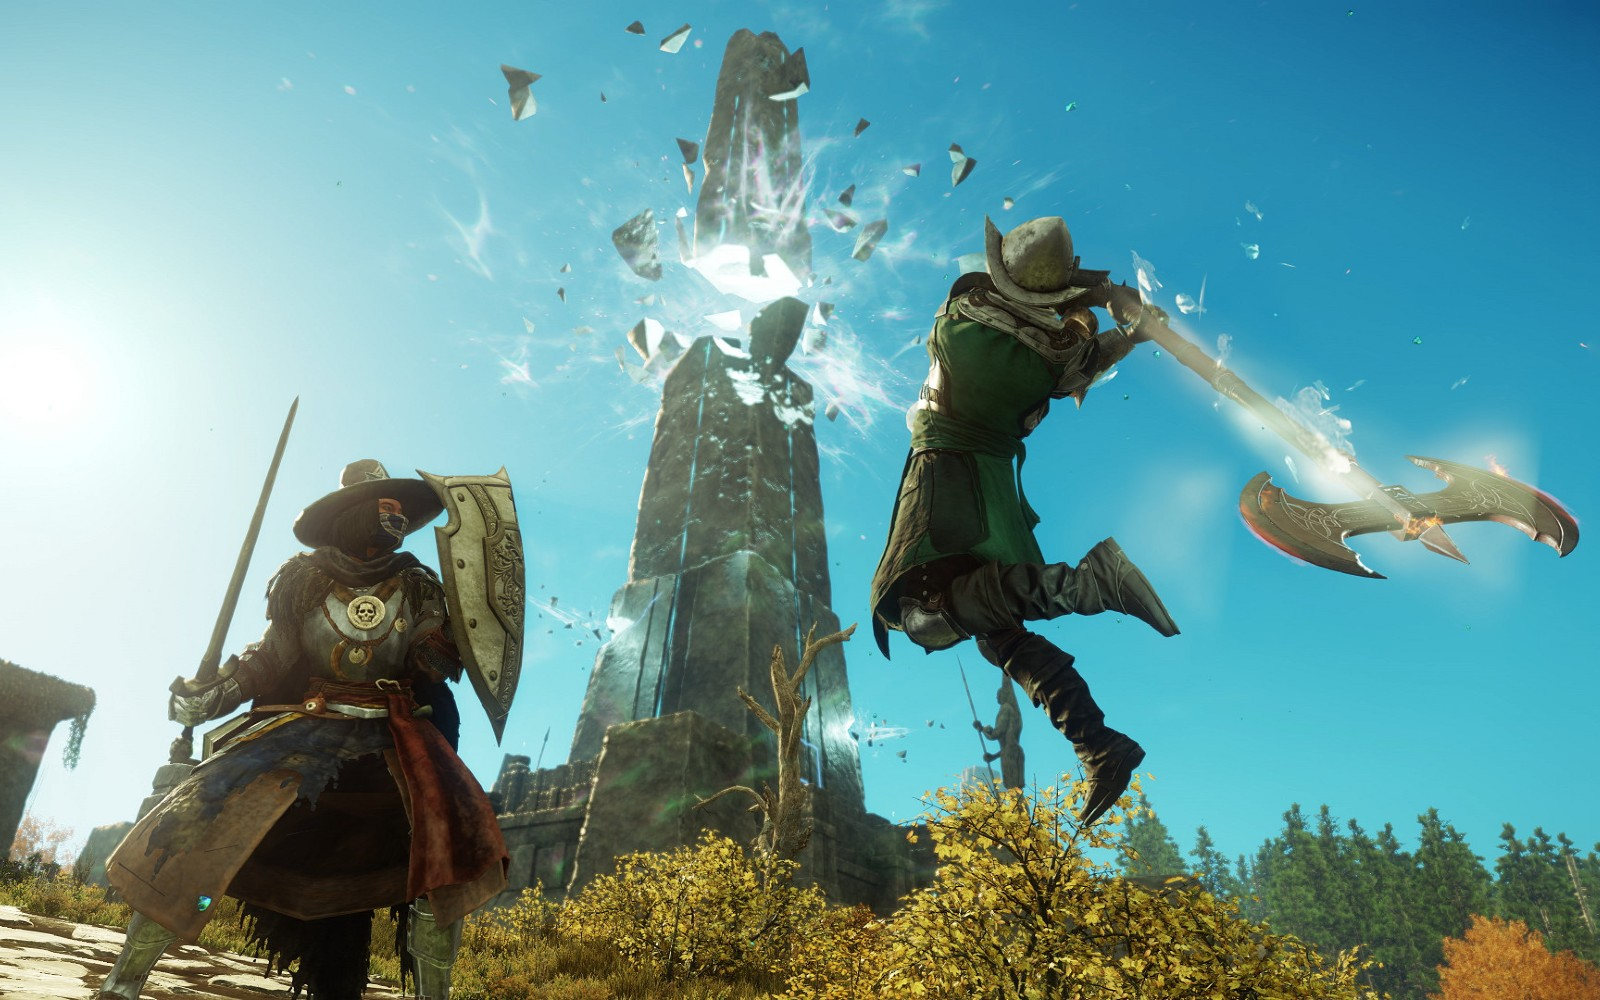 亚马逊 MMO《 新世界》首发当天突破 70 万玩家